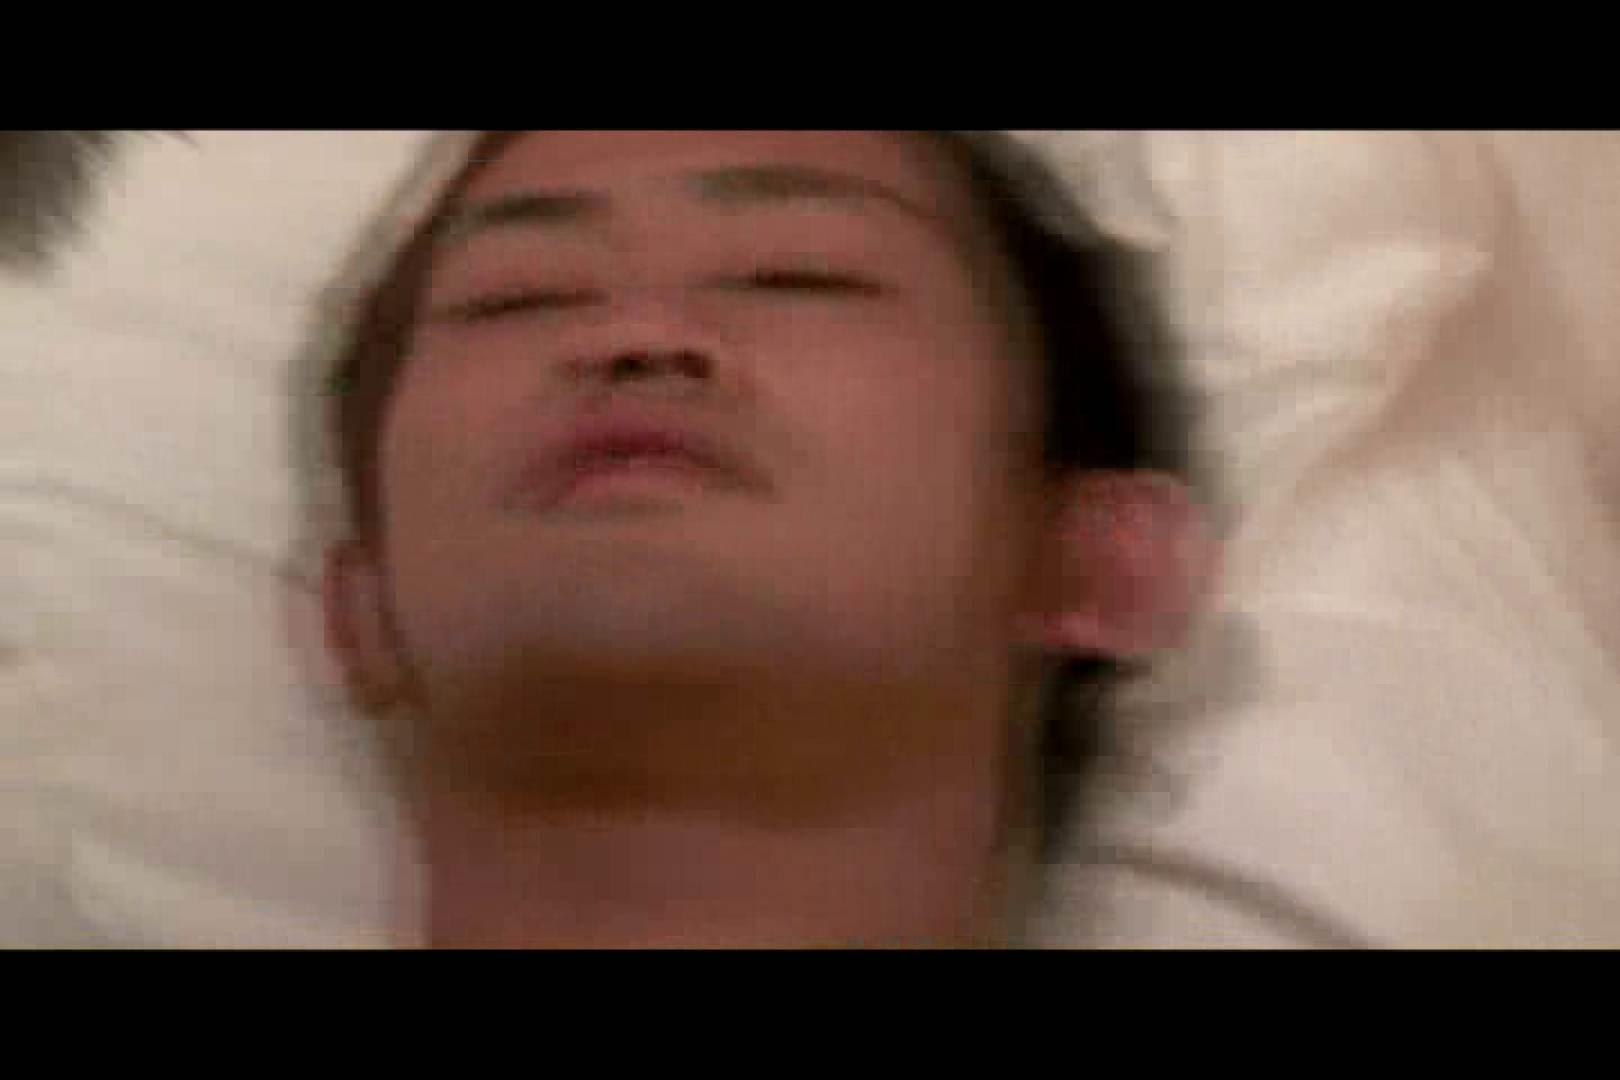 Bistro「イケメン」~Mokkori和風仕立て~vol.07 アナル ゲイザーメン画像 70枚 16